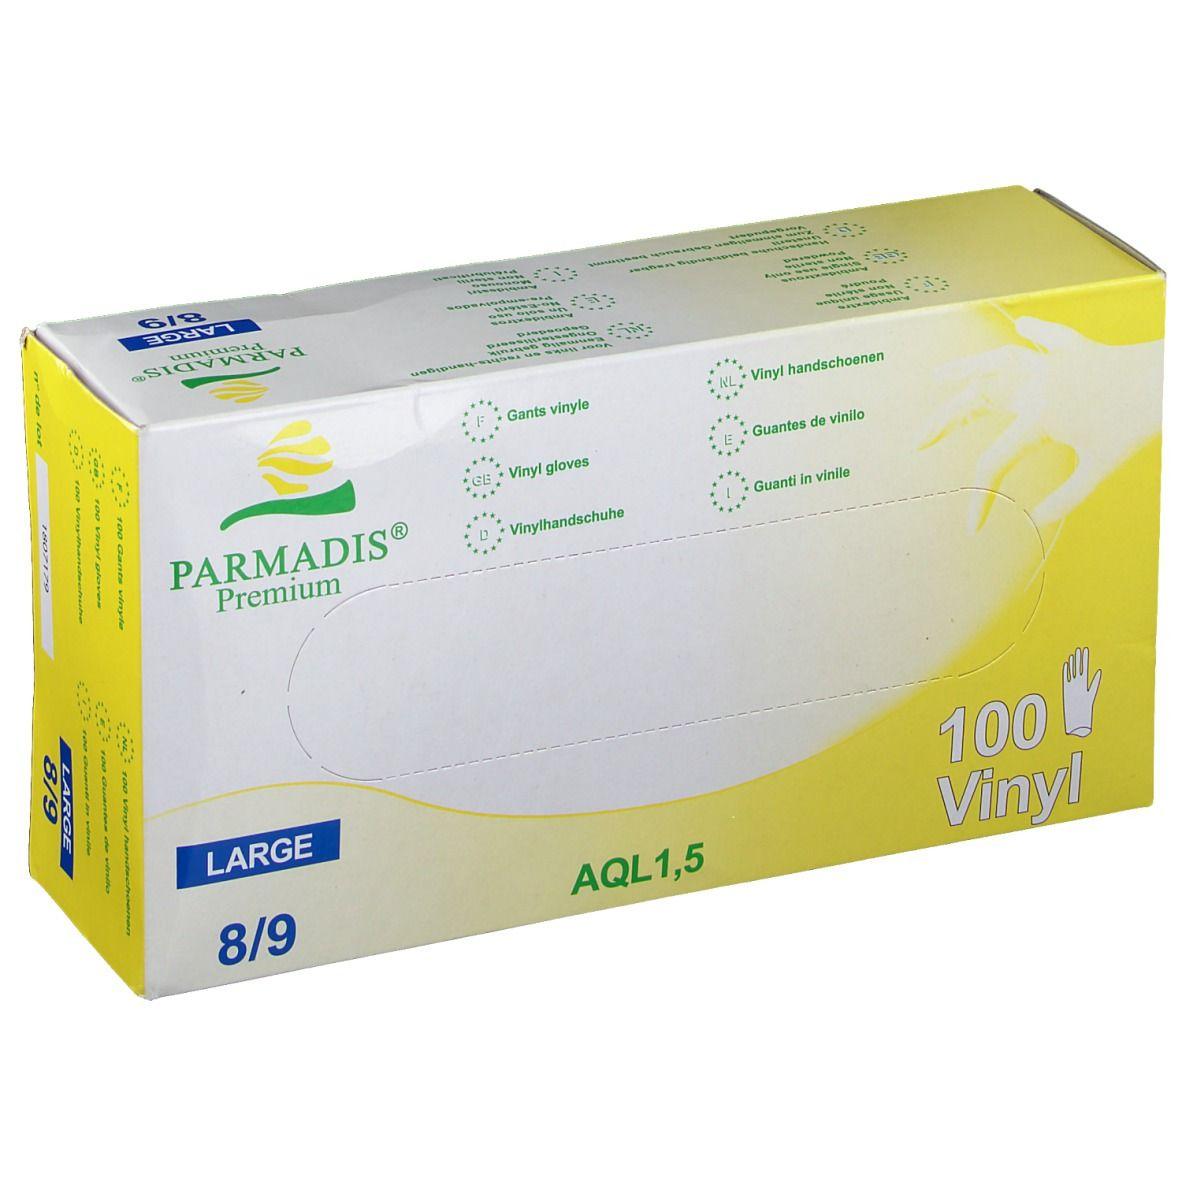 Image of PARMADIS® Premium Vinylhandschuhe Gr. L 8/9